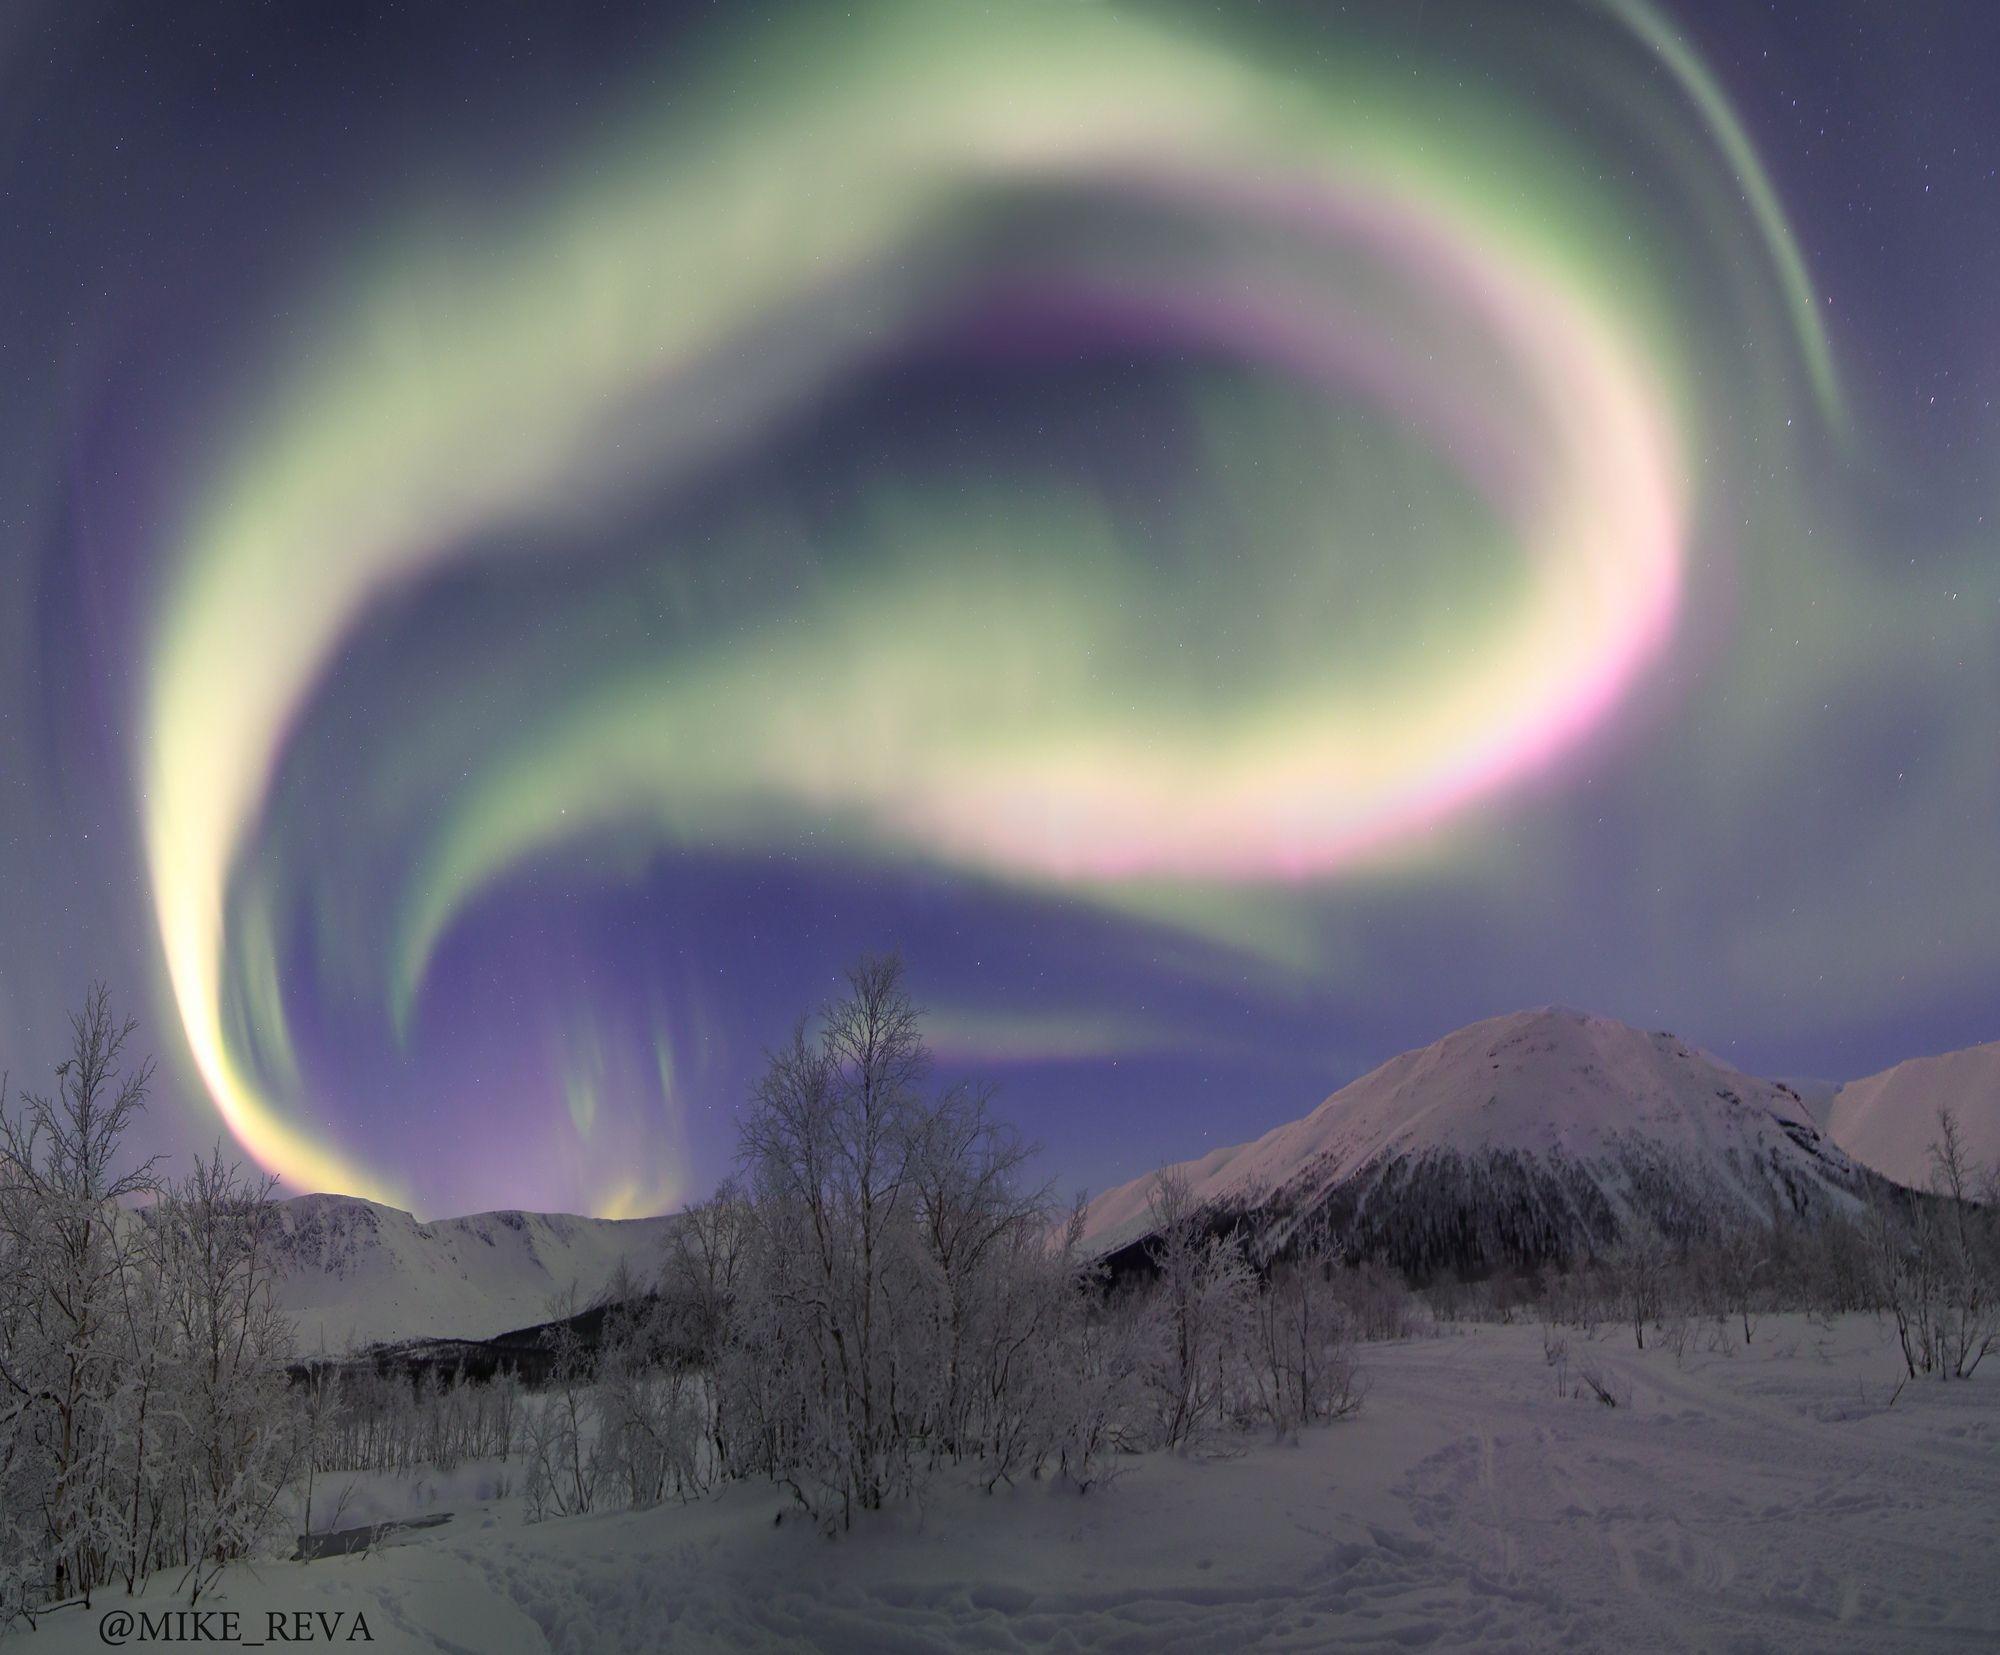 ночь звезды северное сияние ночной пейзаж астрофотография хибины, Рева Михаил